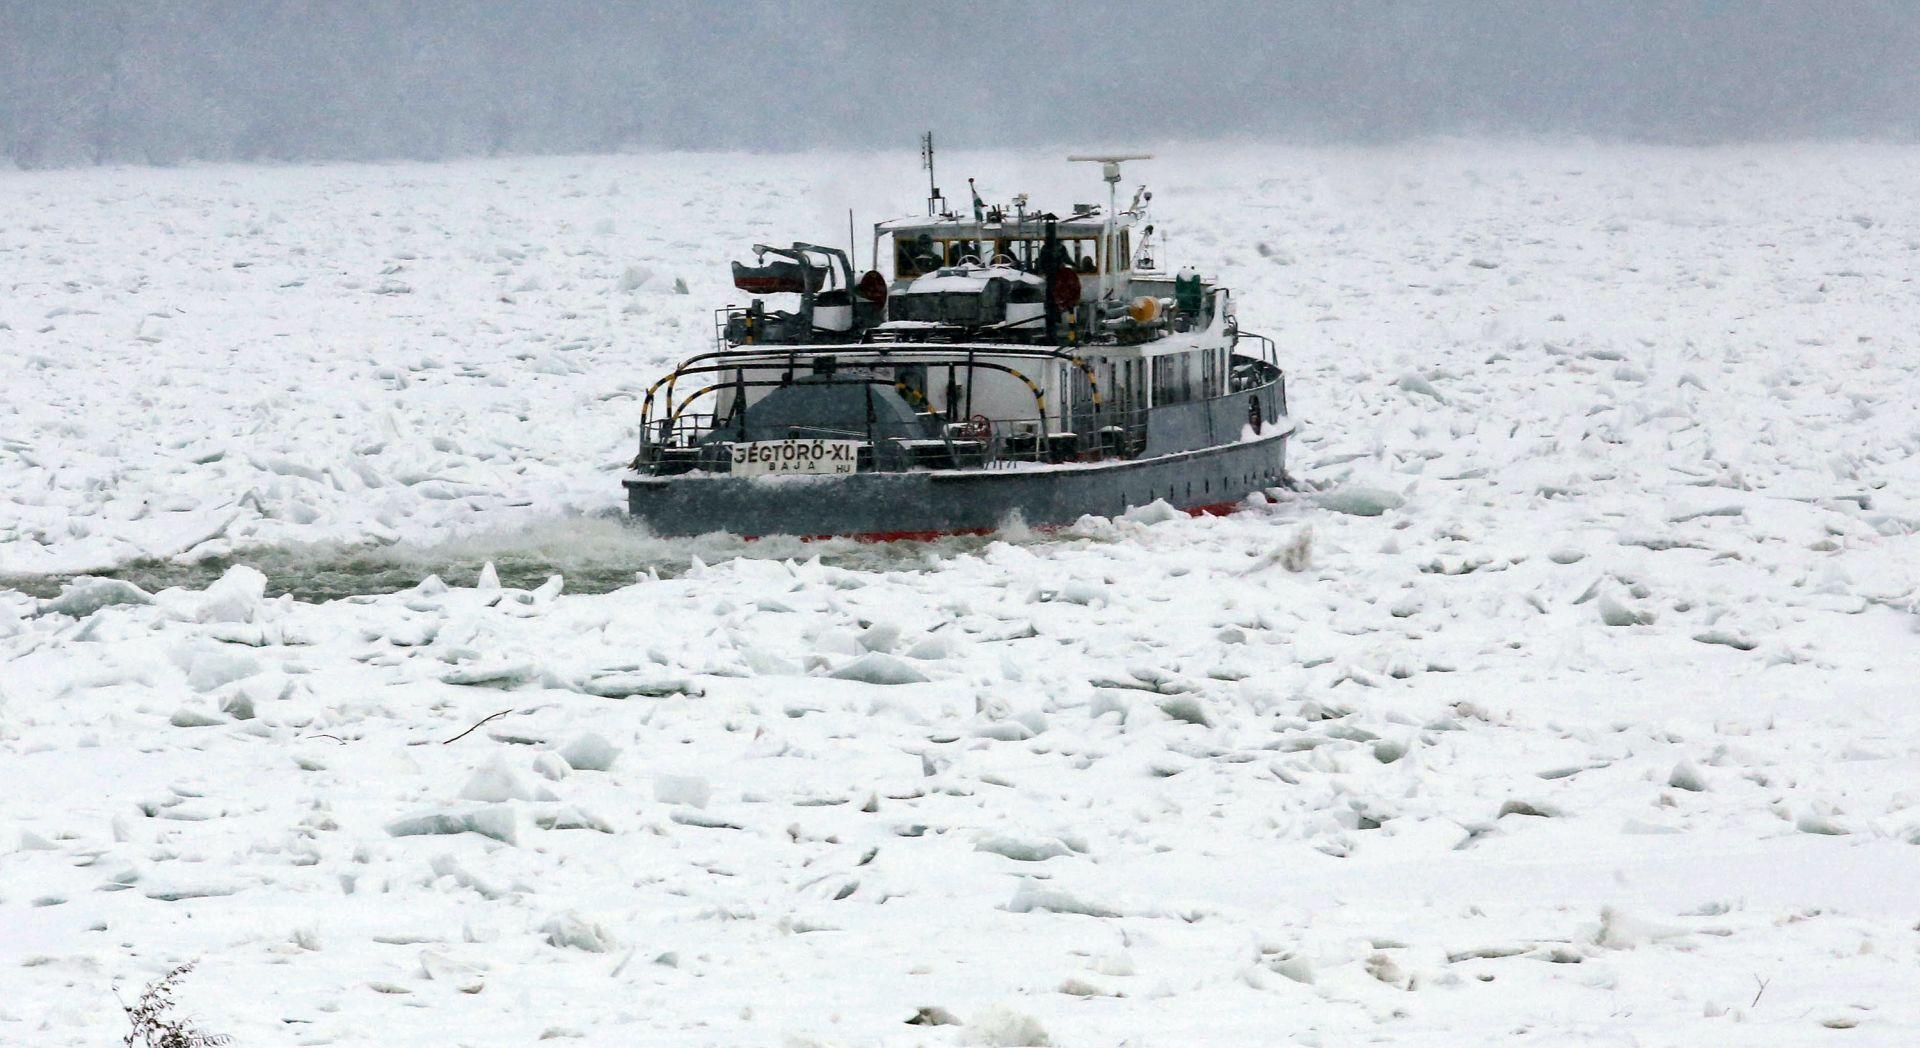 Mađarski ledolomac iz Vukovara krenuo uzvodno put Daljske okuke